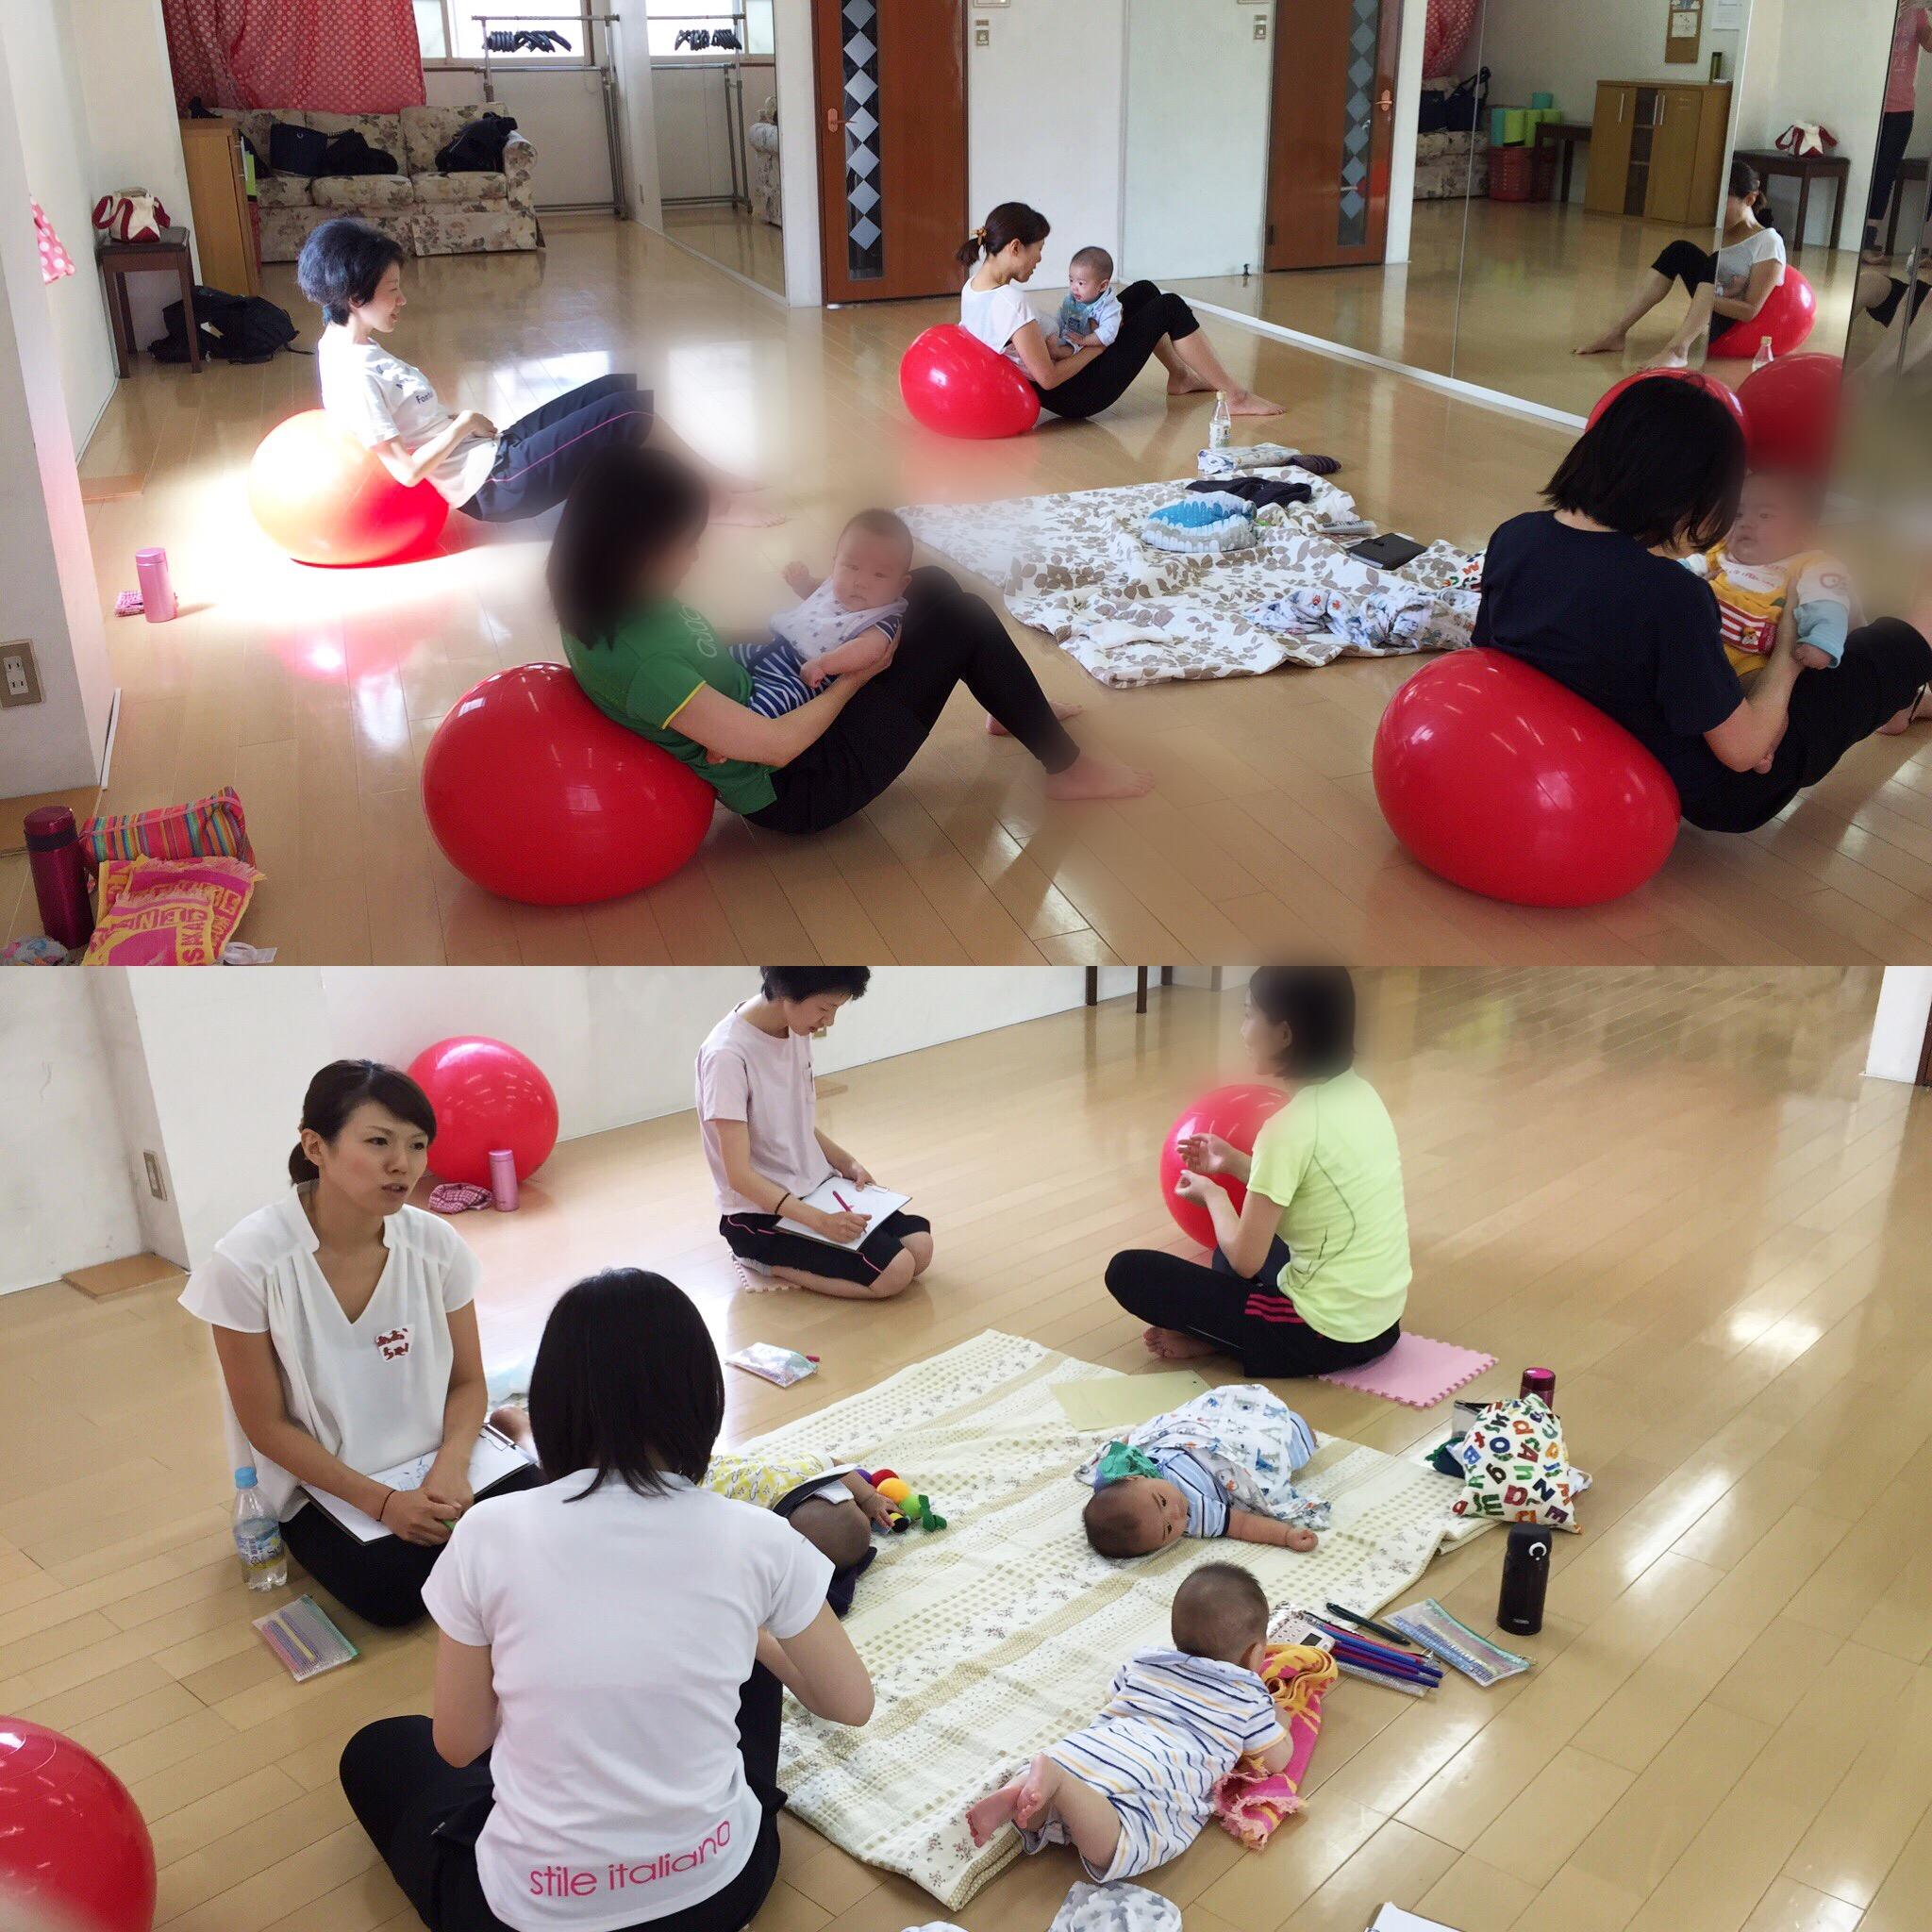 【産後ケア教室ご参加者の感想】新潟が好きになれそうな気がしてきました。